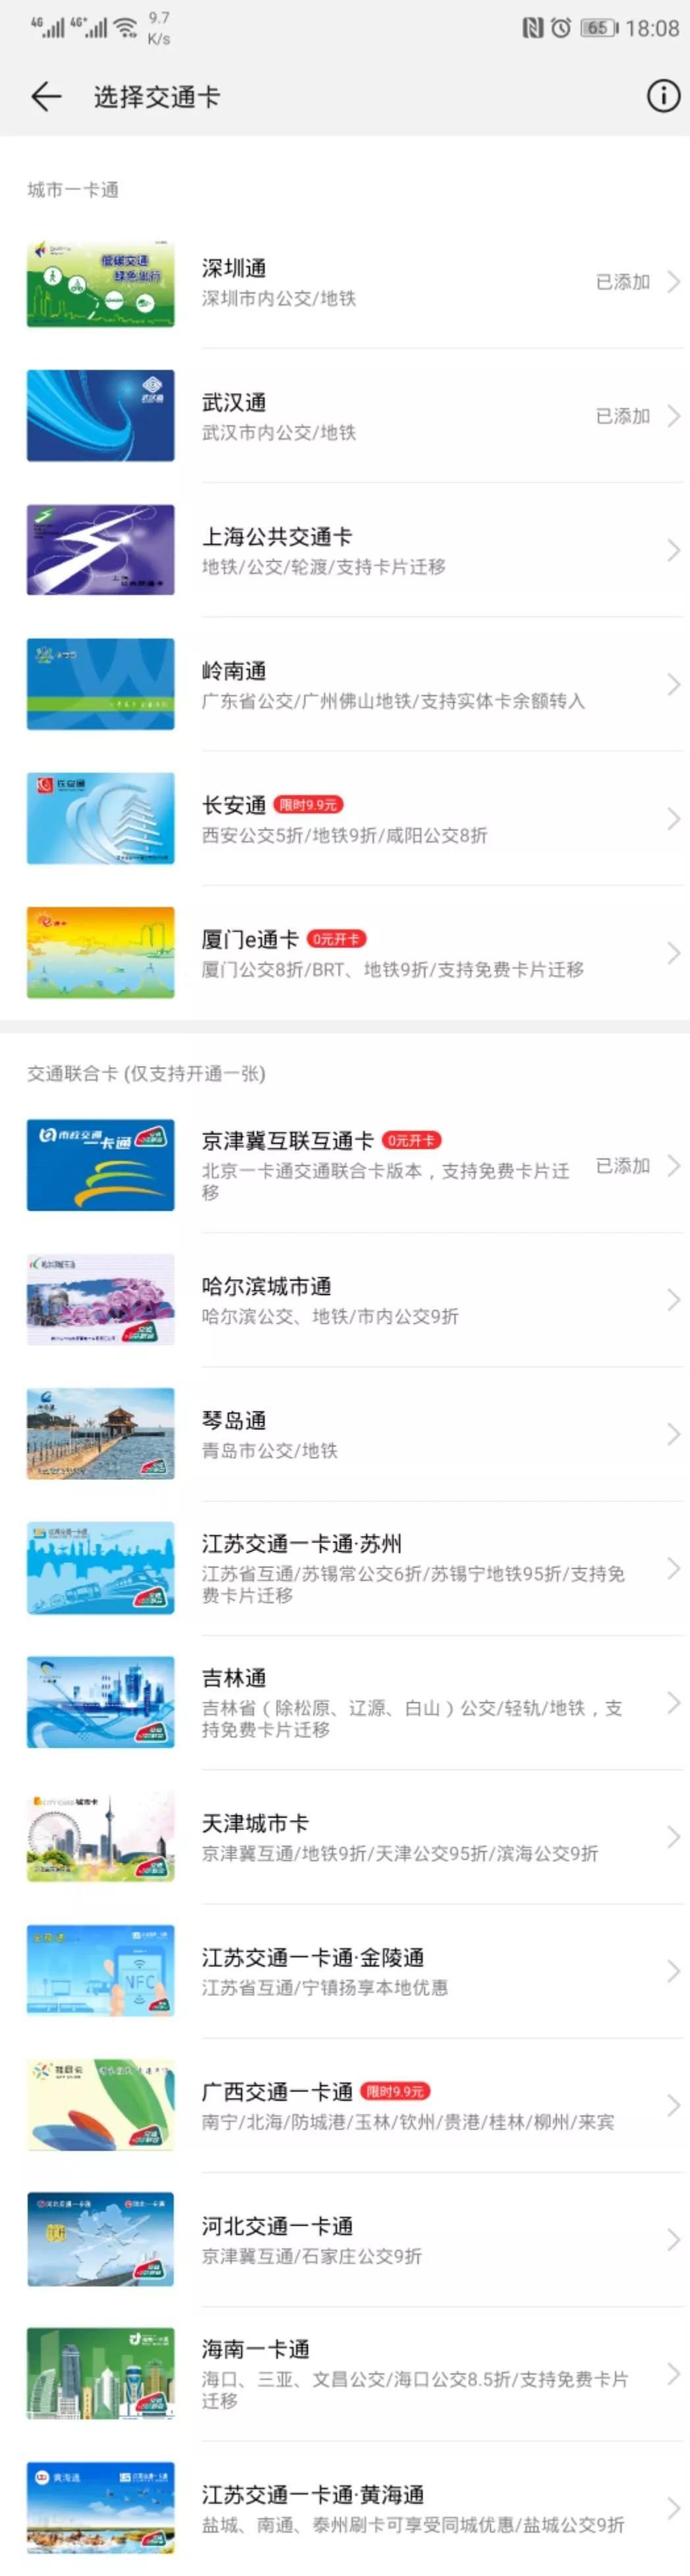 华为钱包手机公交卡支持卡片